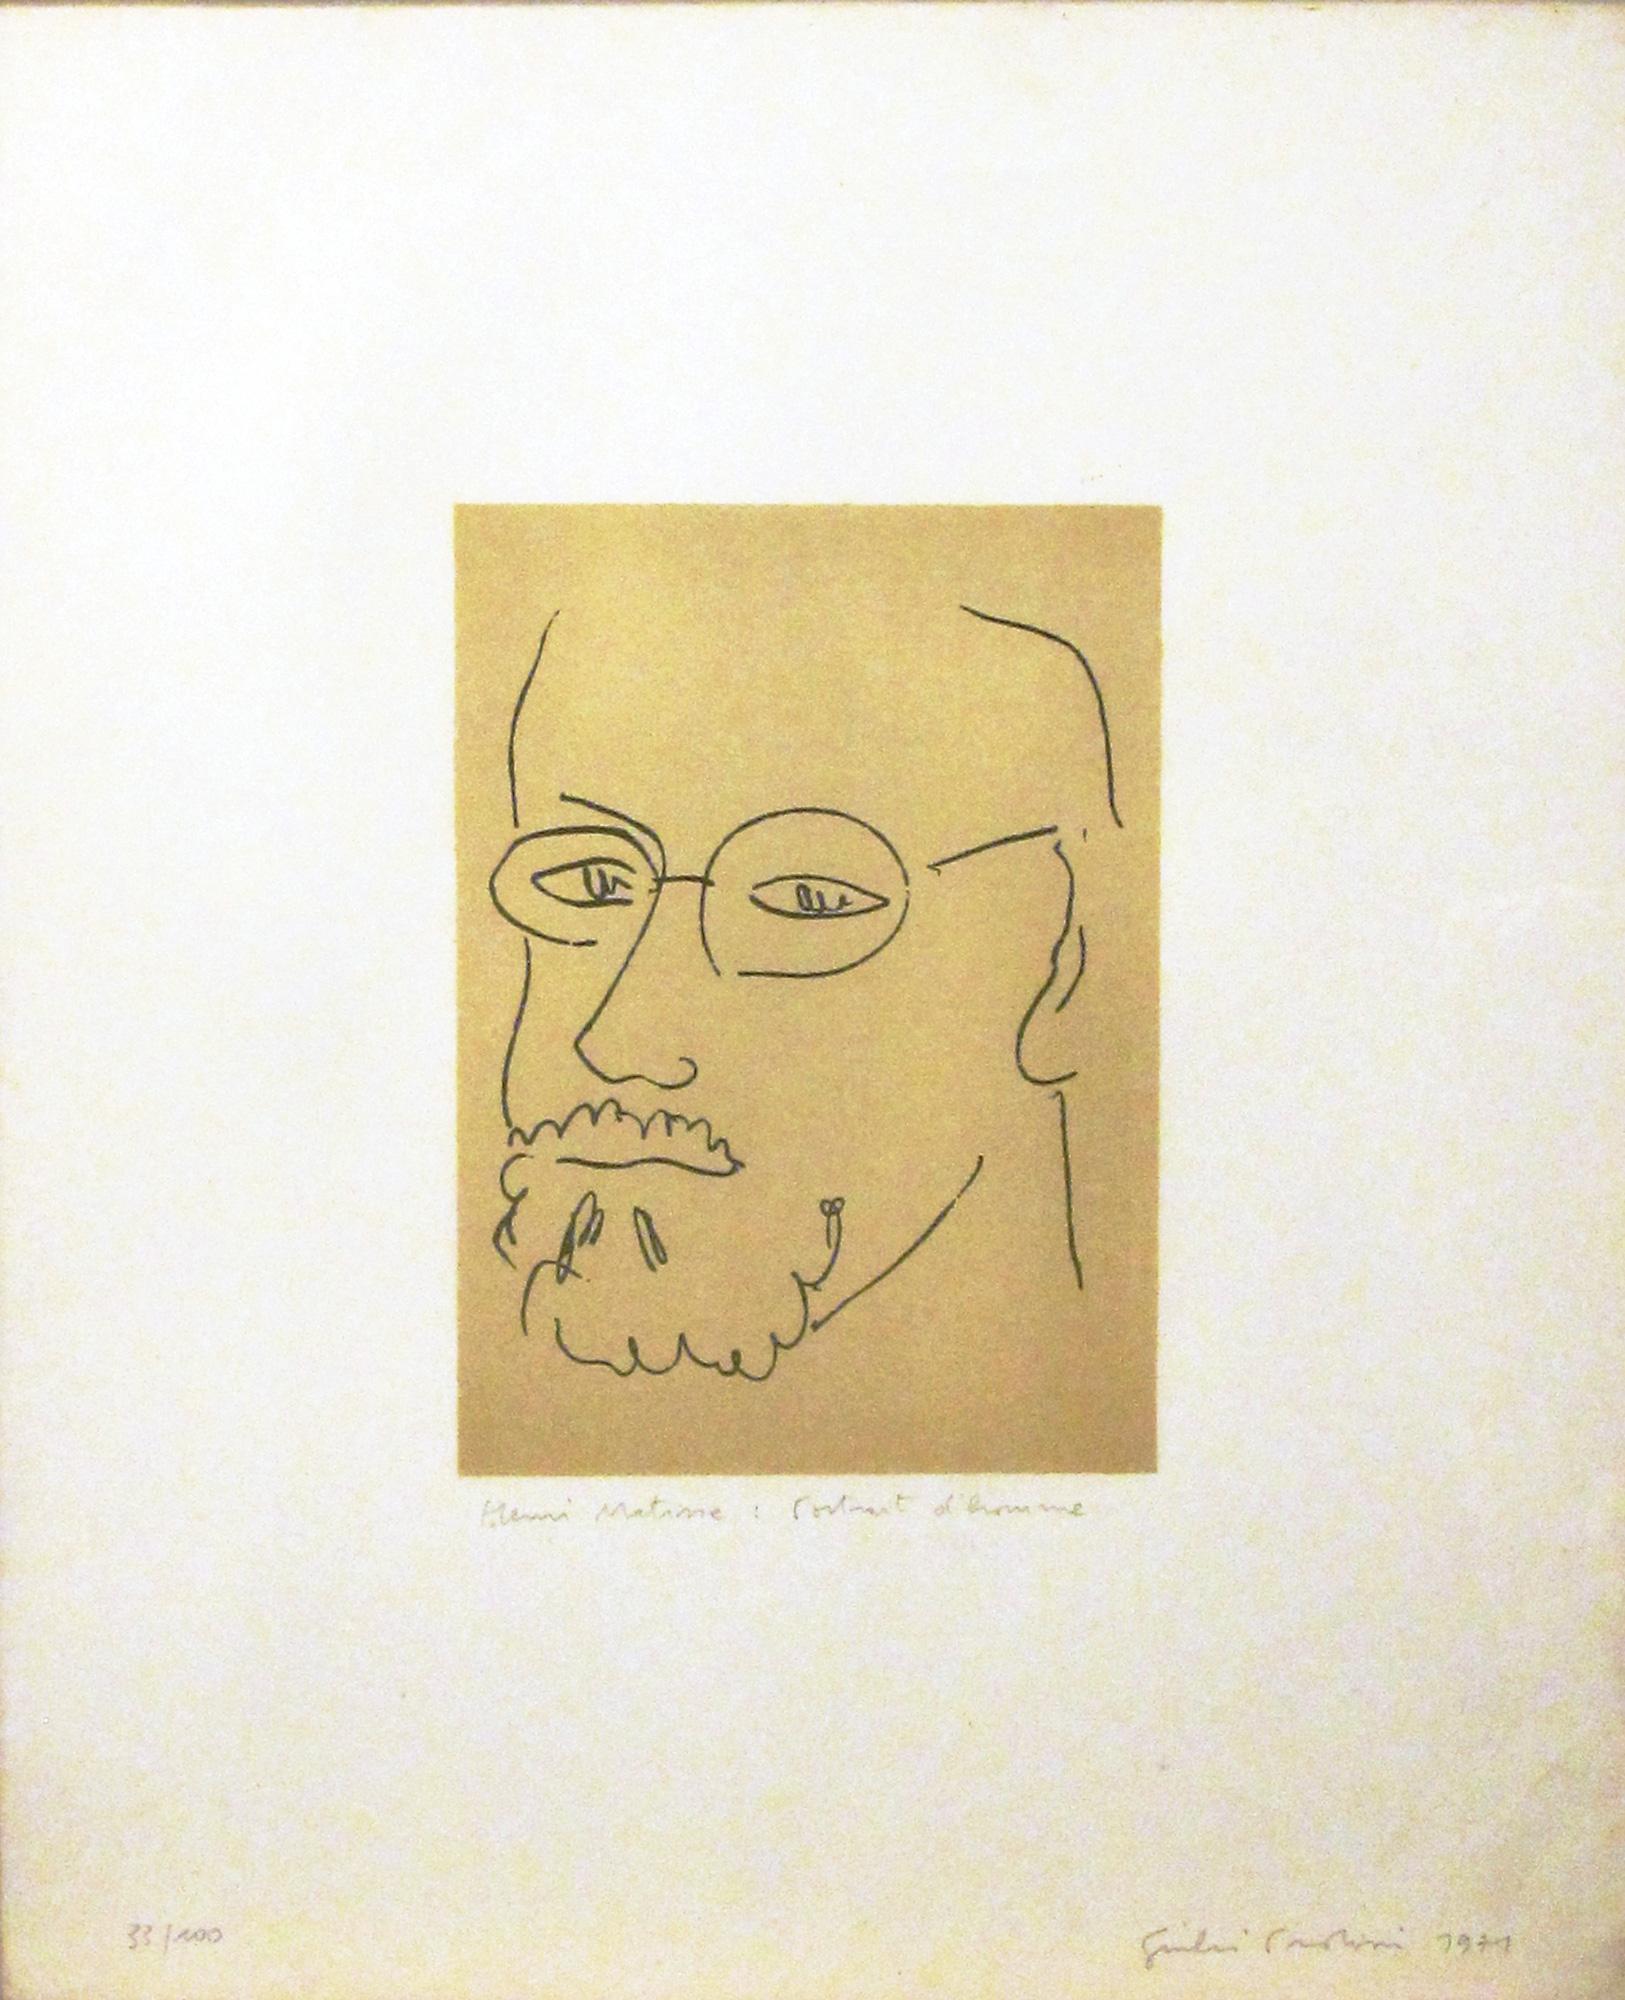 Henri Matisse: portrait d'homme, 1971